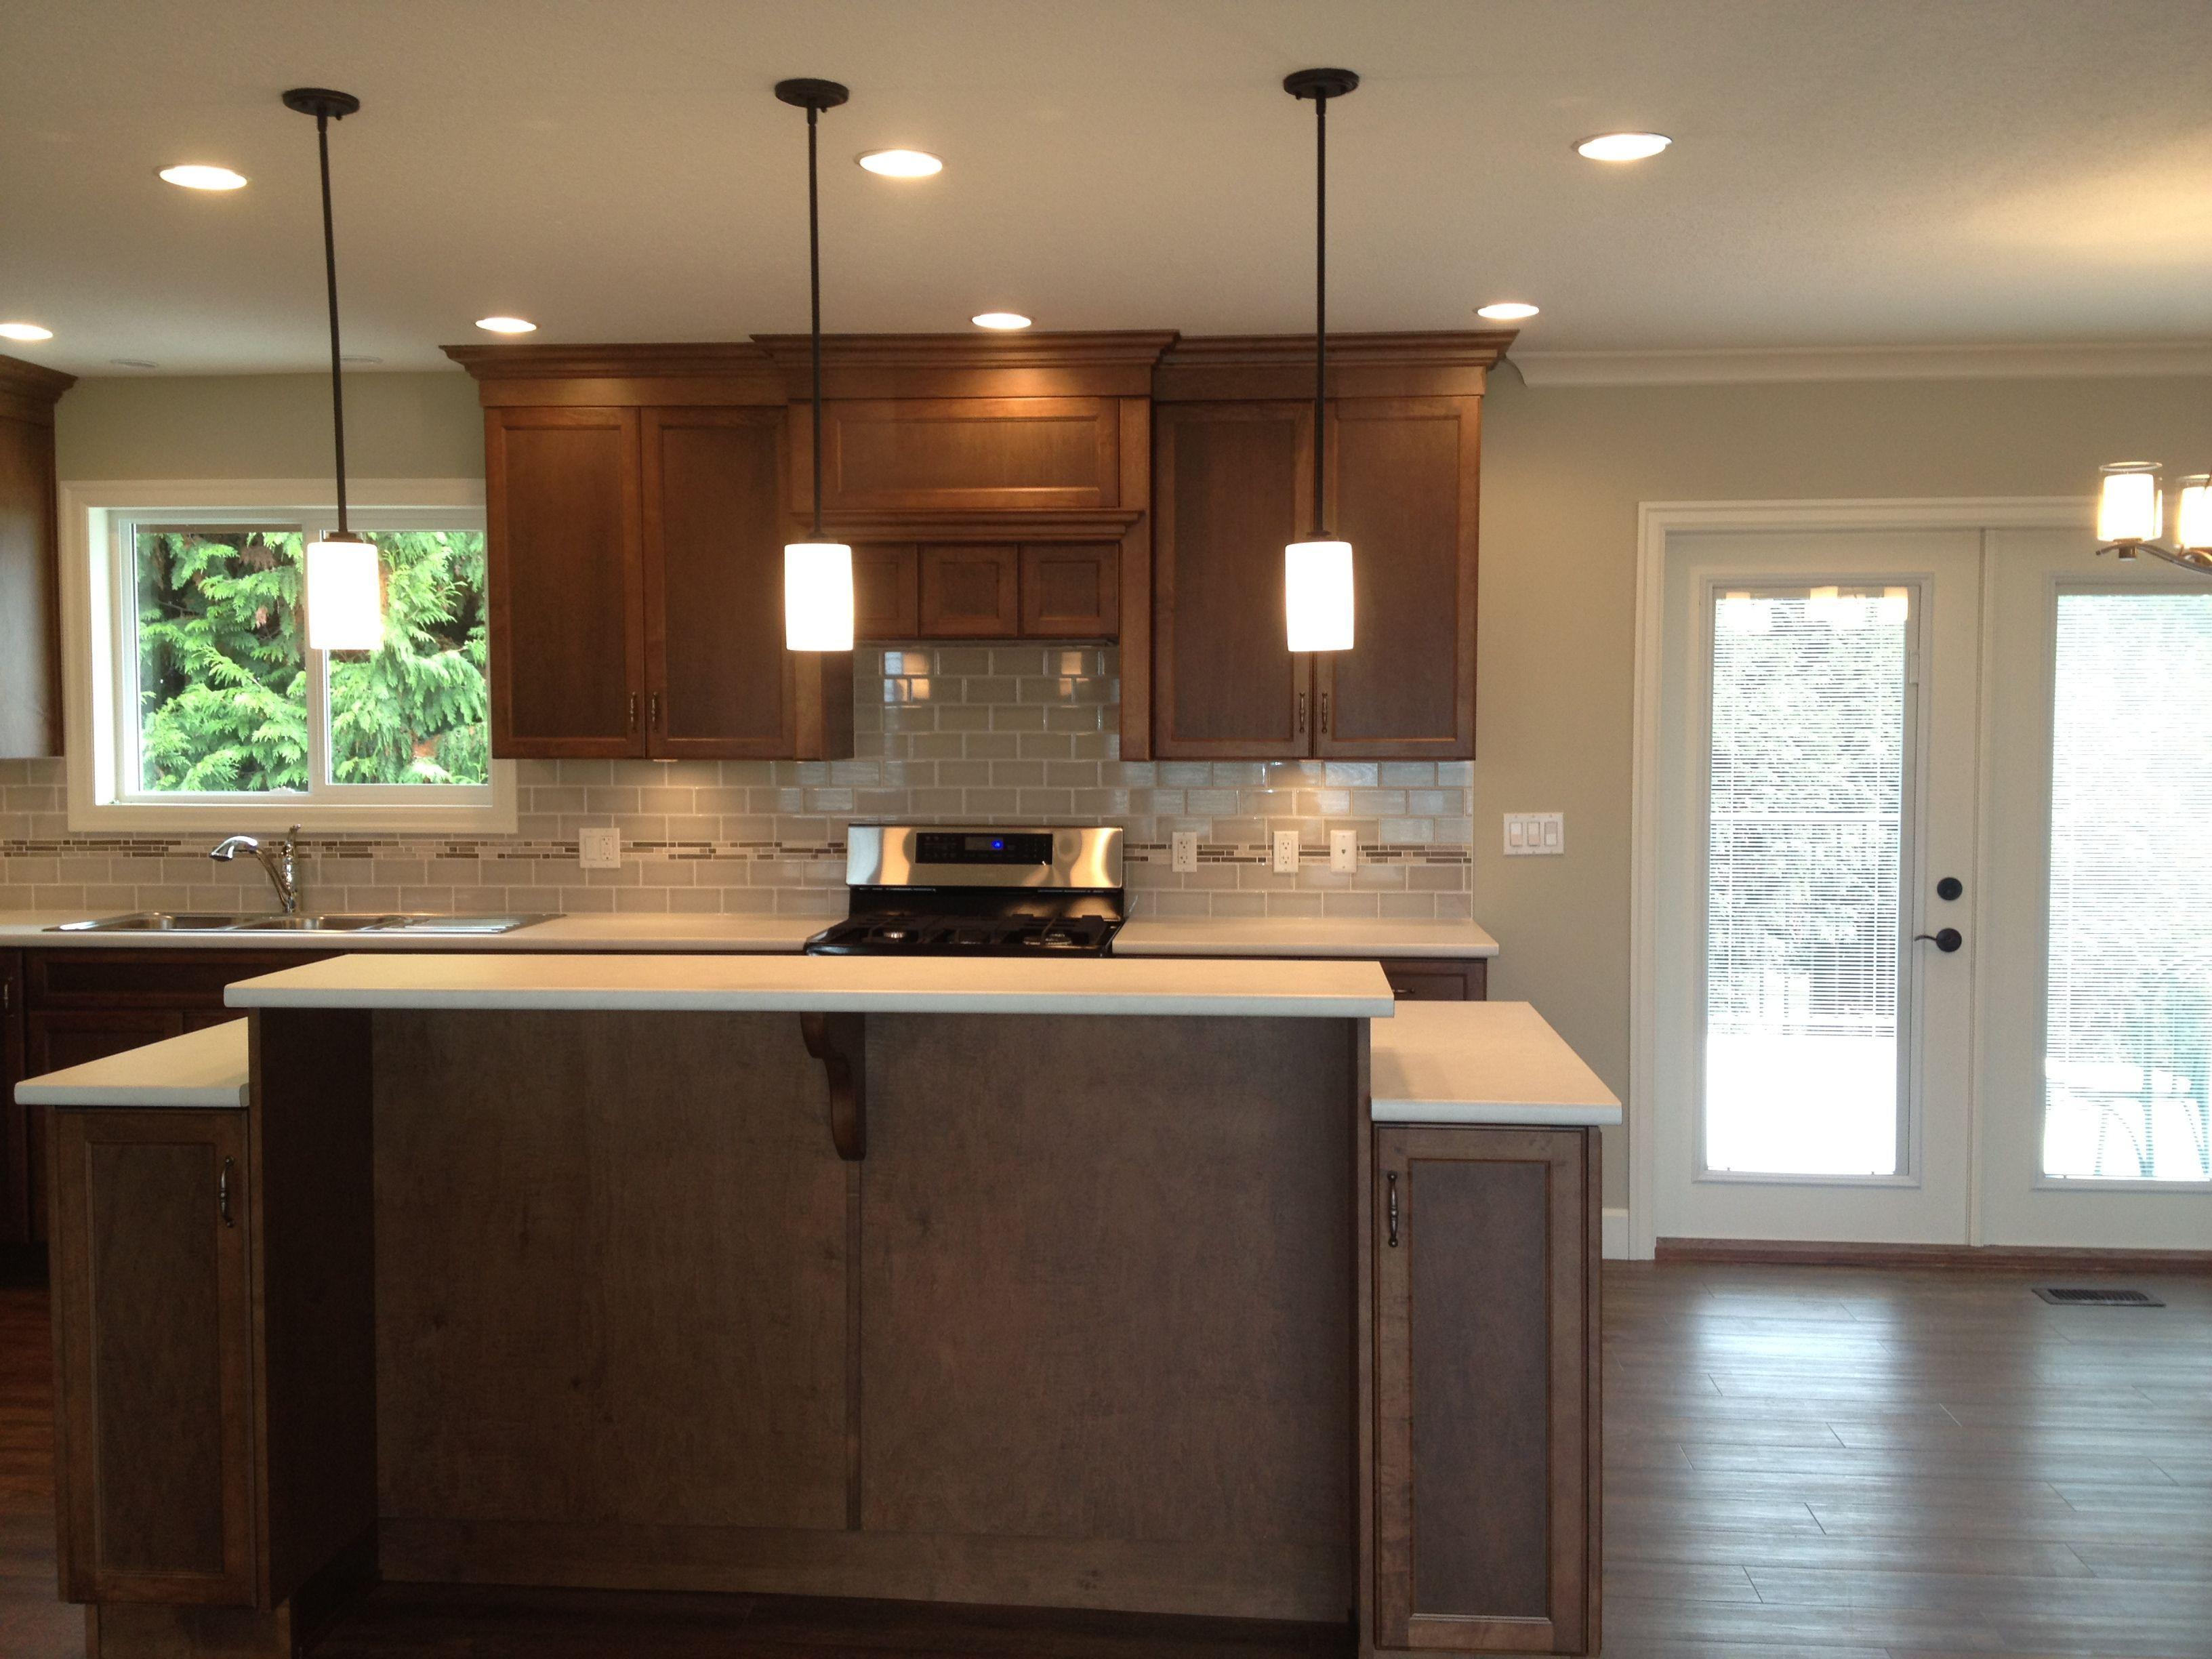 Bc Box Kitchen Renovations Kitchen Renovation Average Kitchen Remodel Cost Kitchen Remodeling Contractors